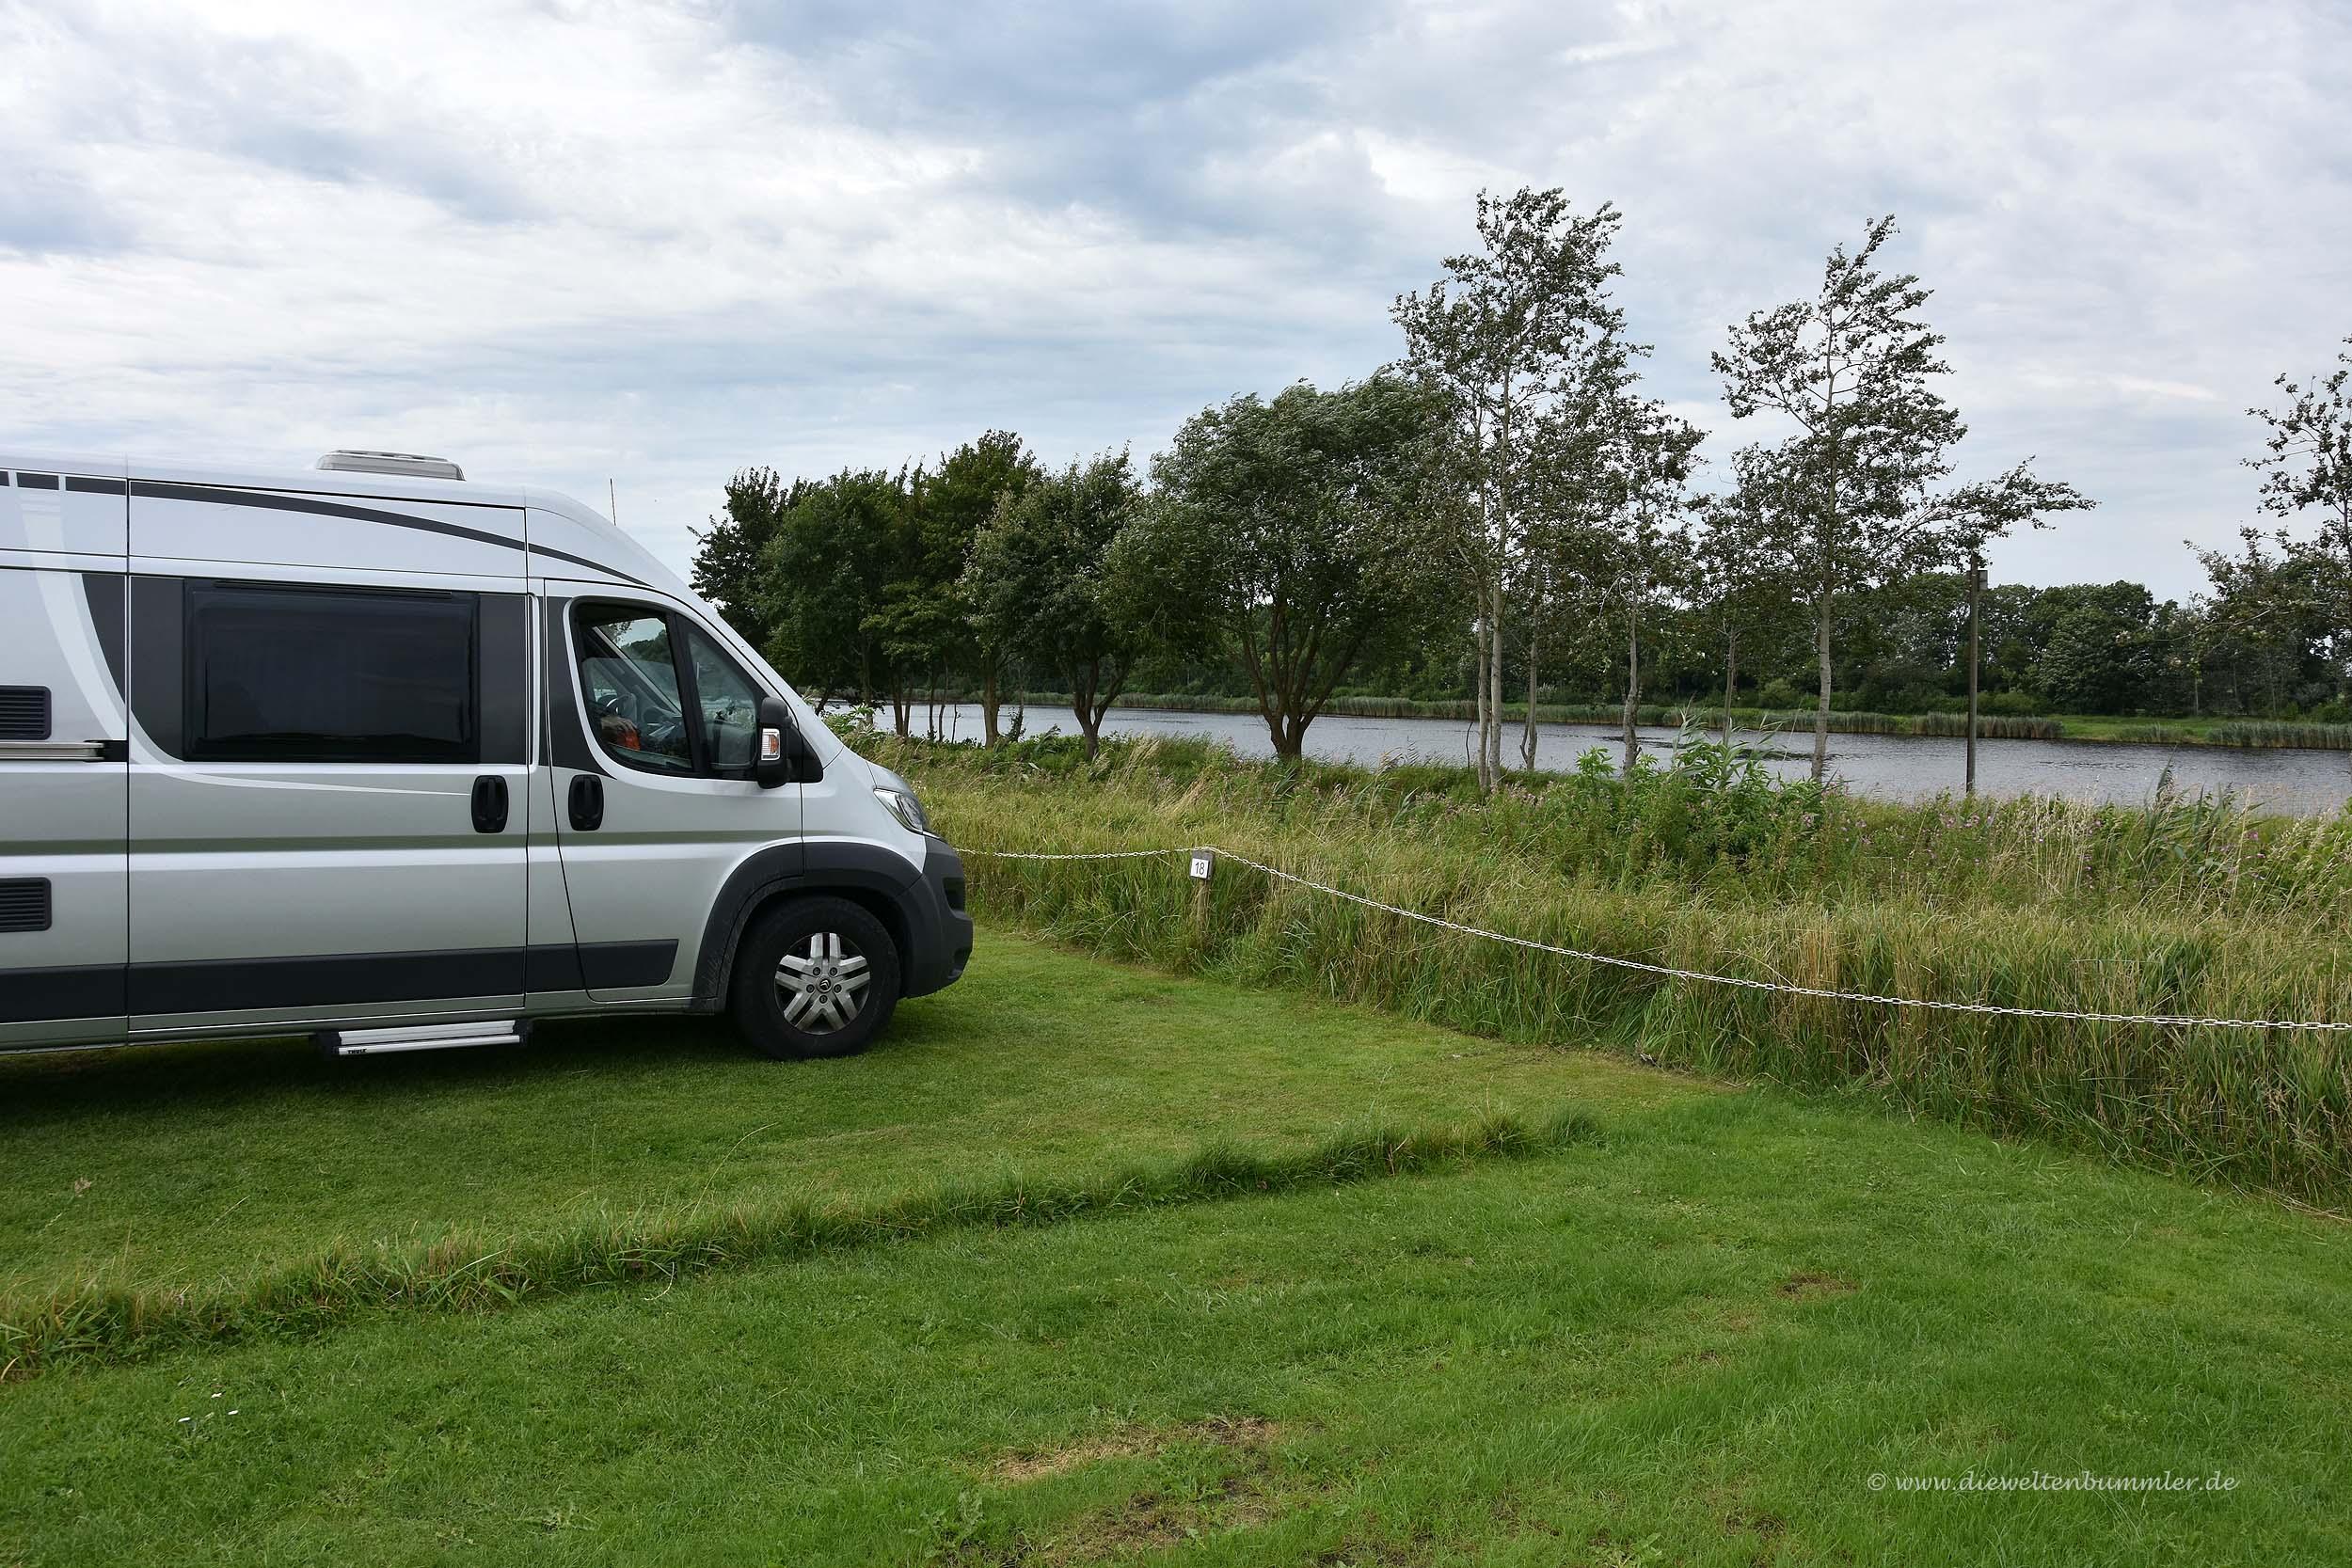 Wohnmobilstellplatz am Nord-Ostsee-Kanal